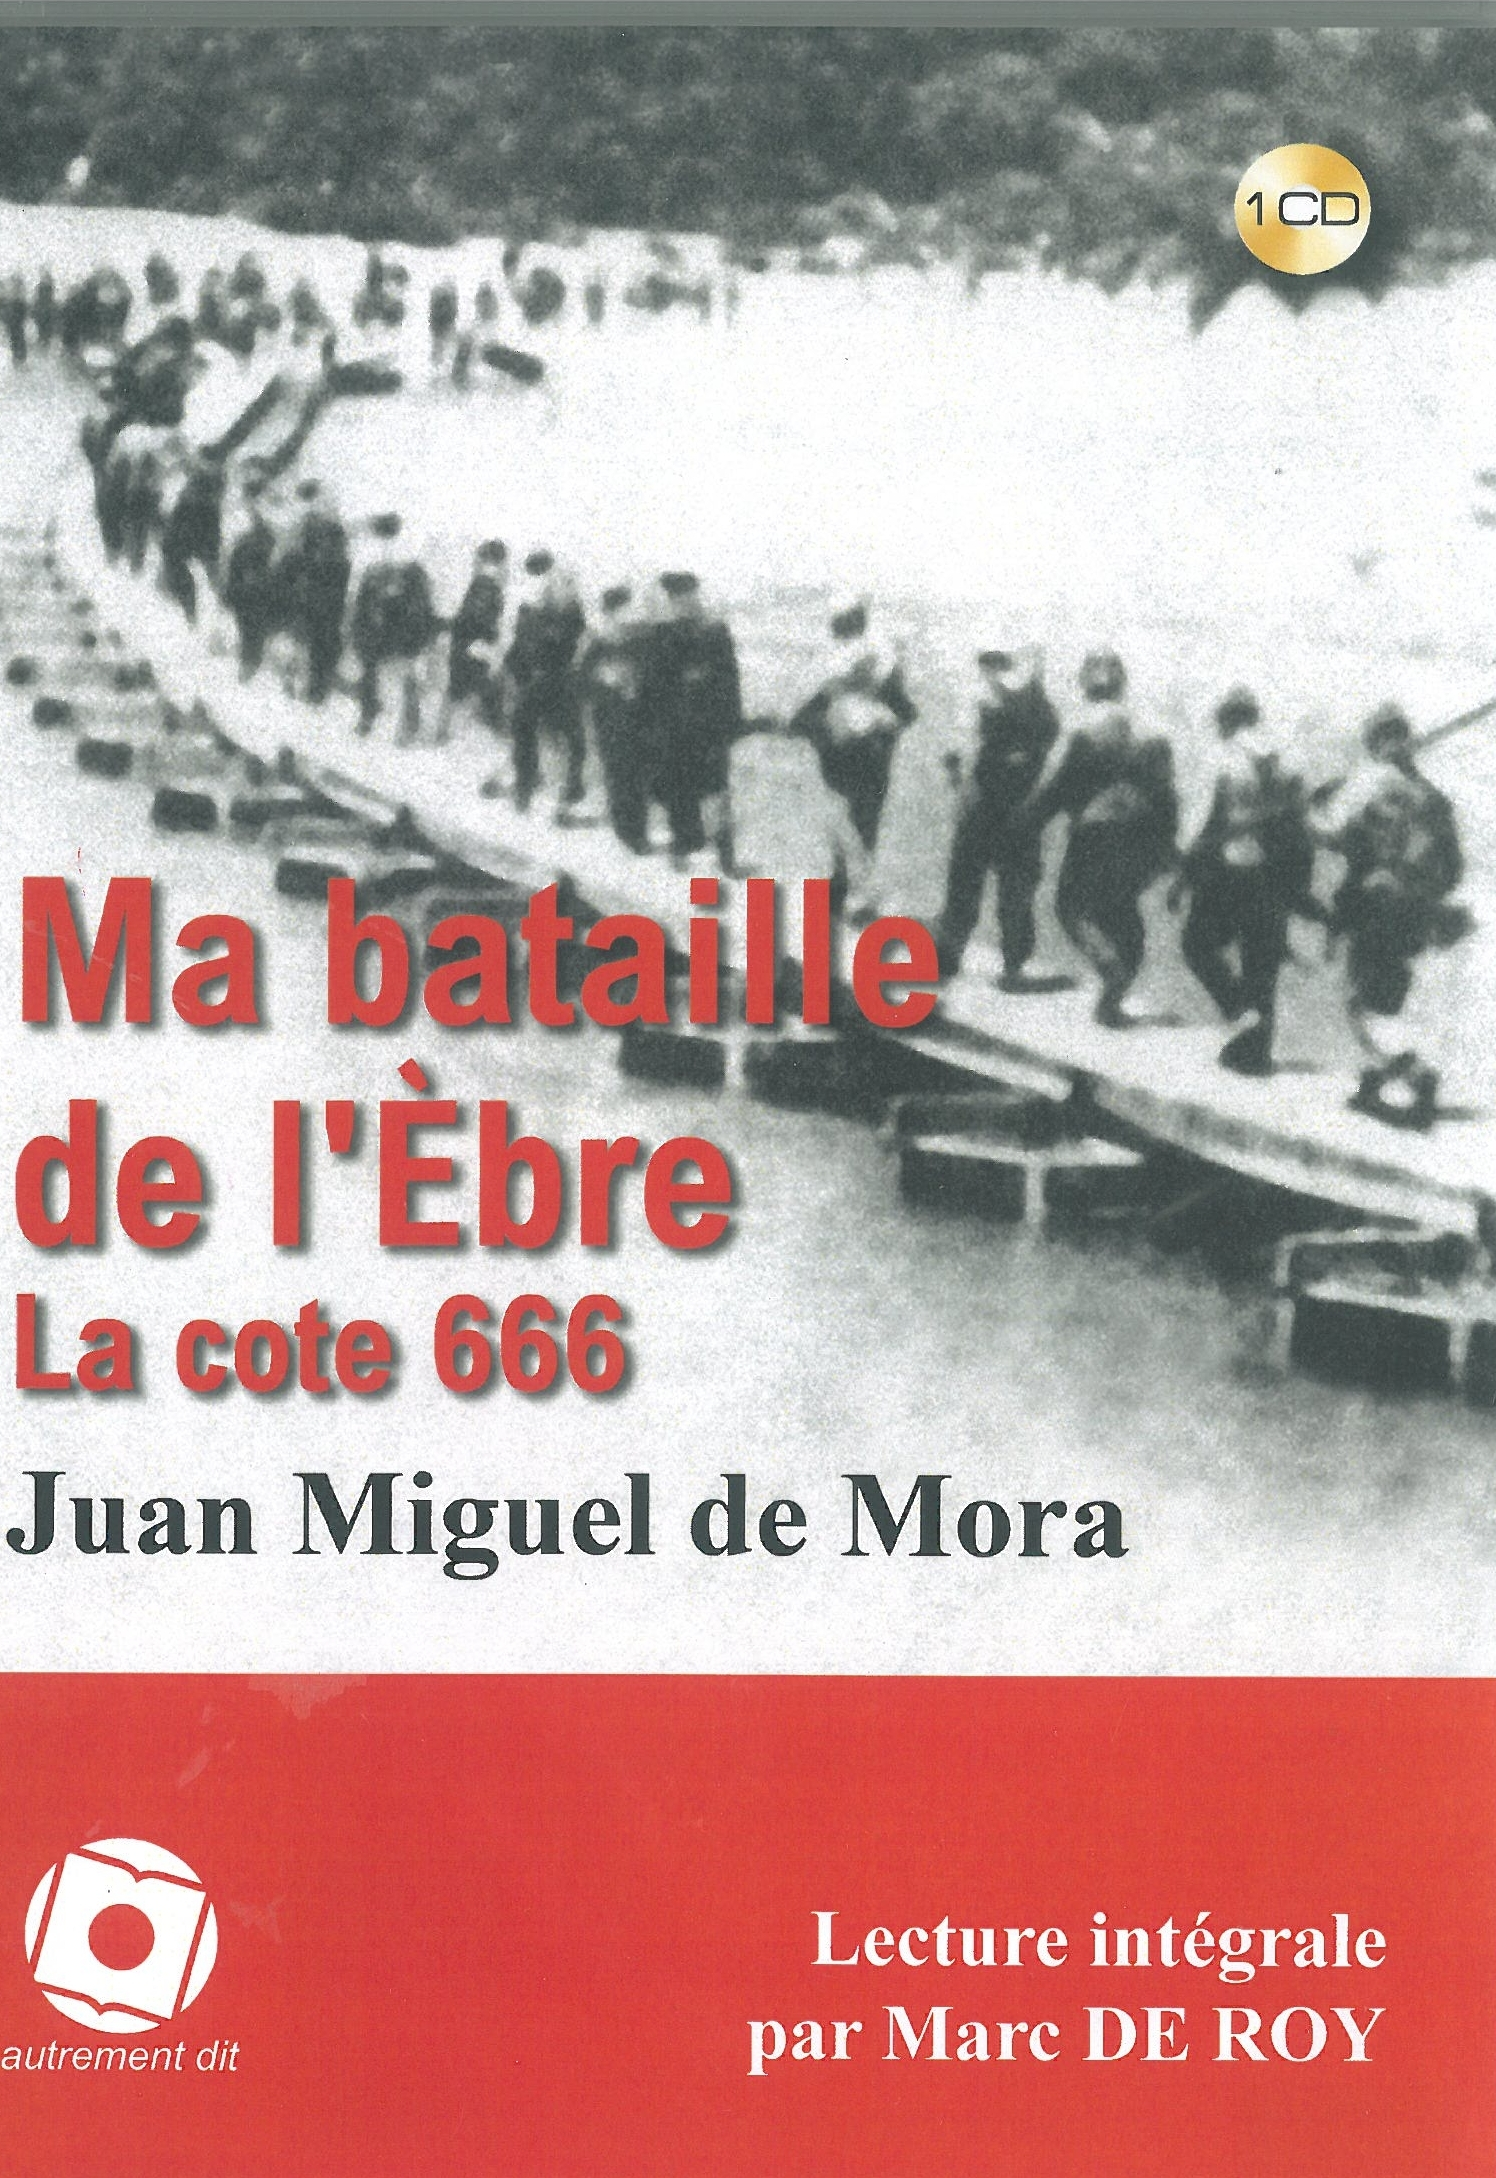 MA BATAILLE DE L'EBRE,LA COTE 666 /1CD - LECTURE INTEGRALE PAR MARC DEROY